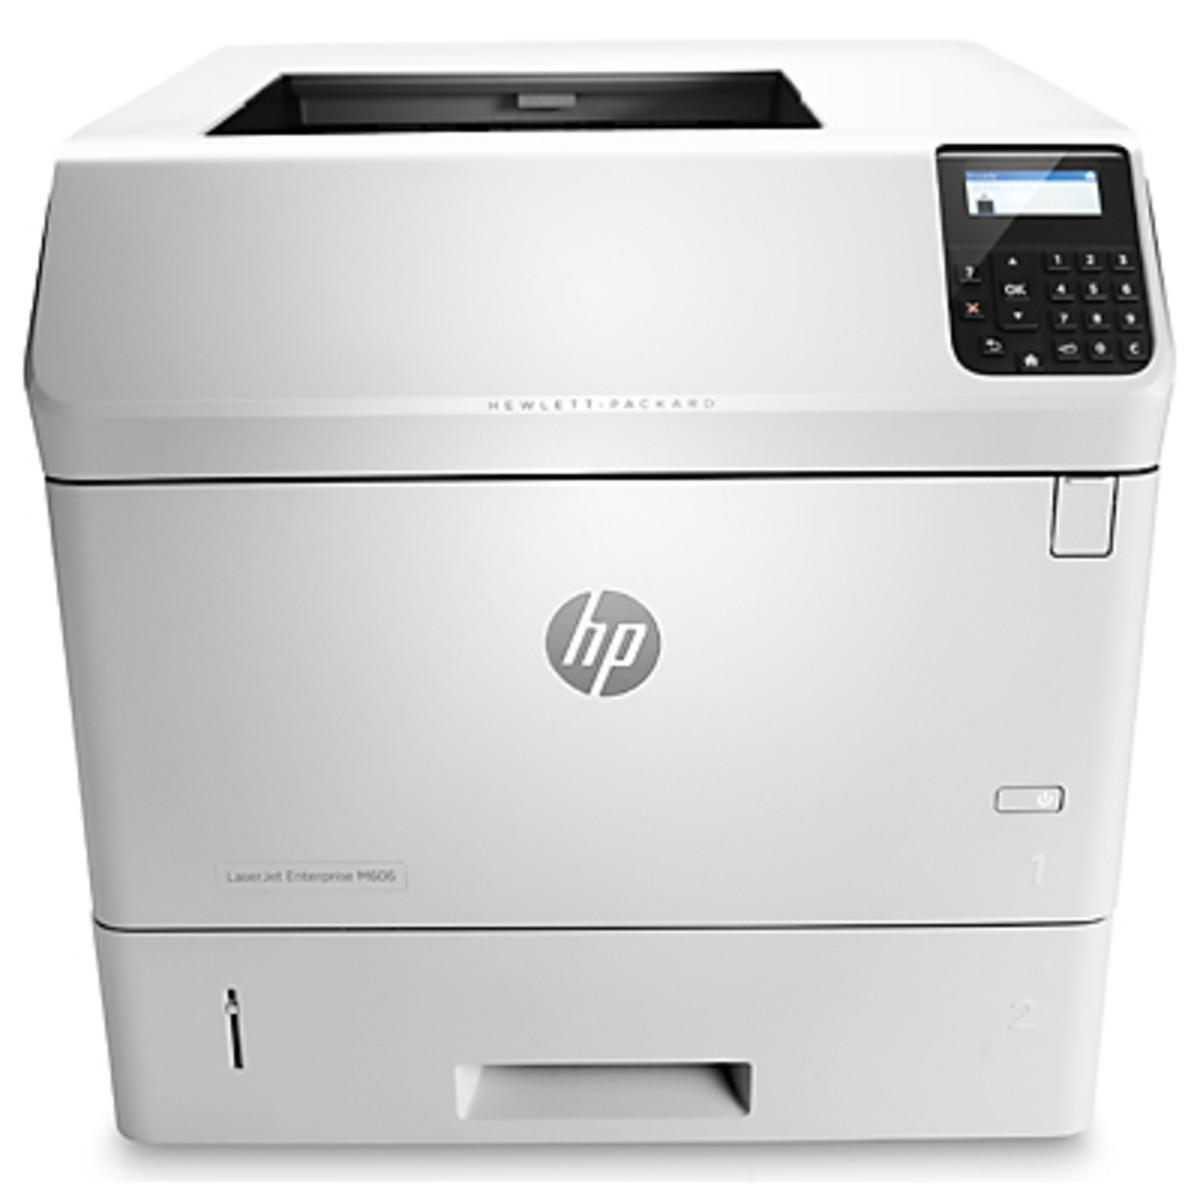 HP LaserJet Pro M605dn Printer